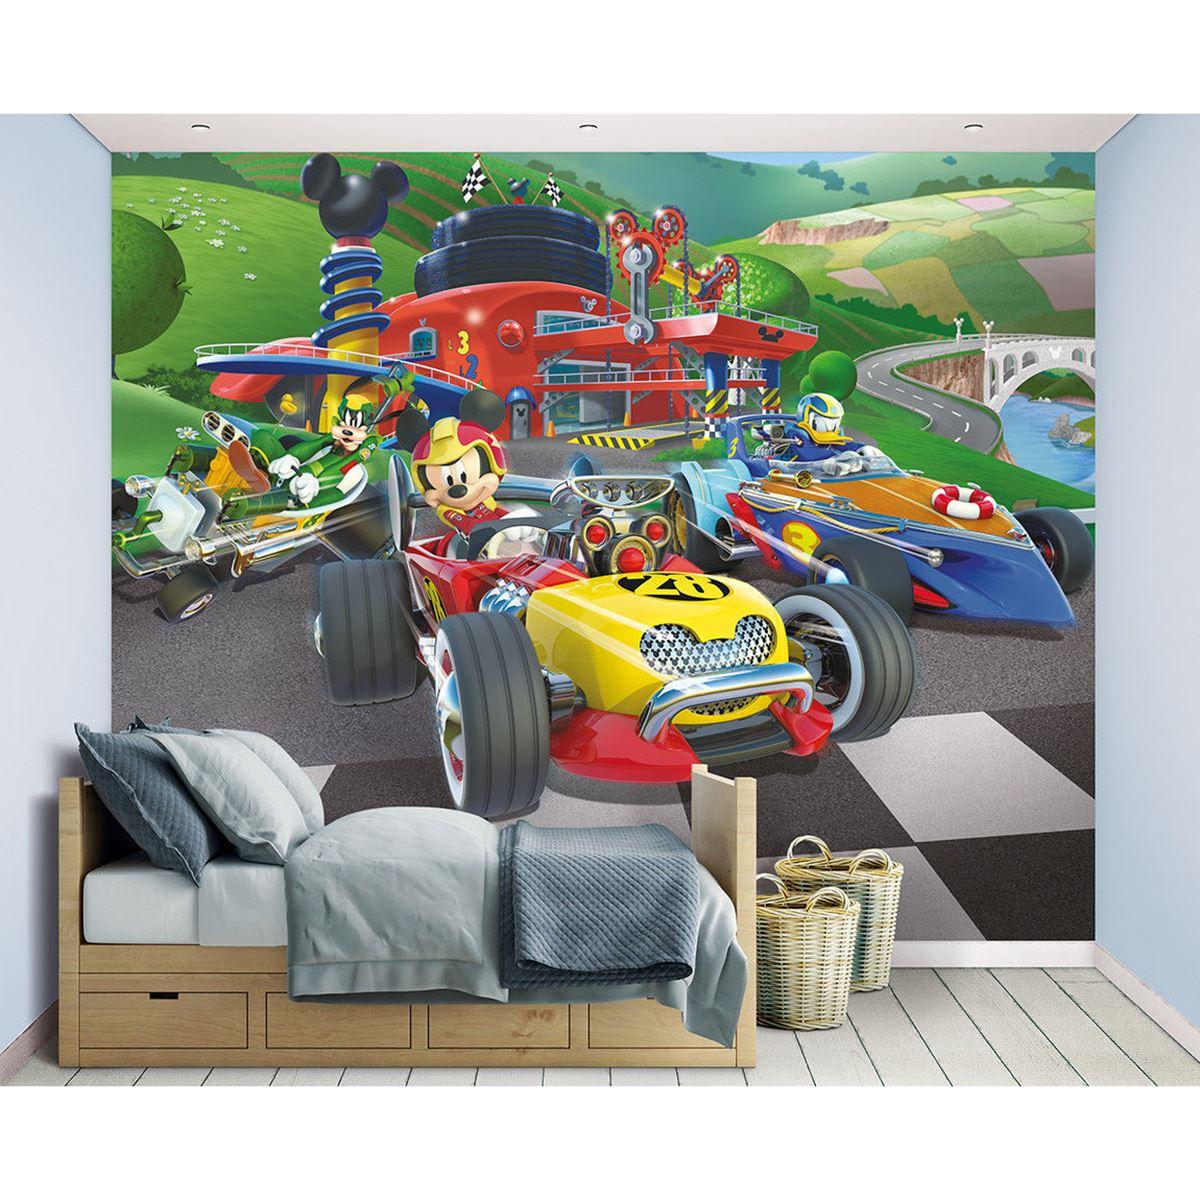 Jcb Bedroom Wallpaper